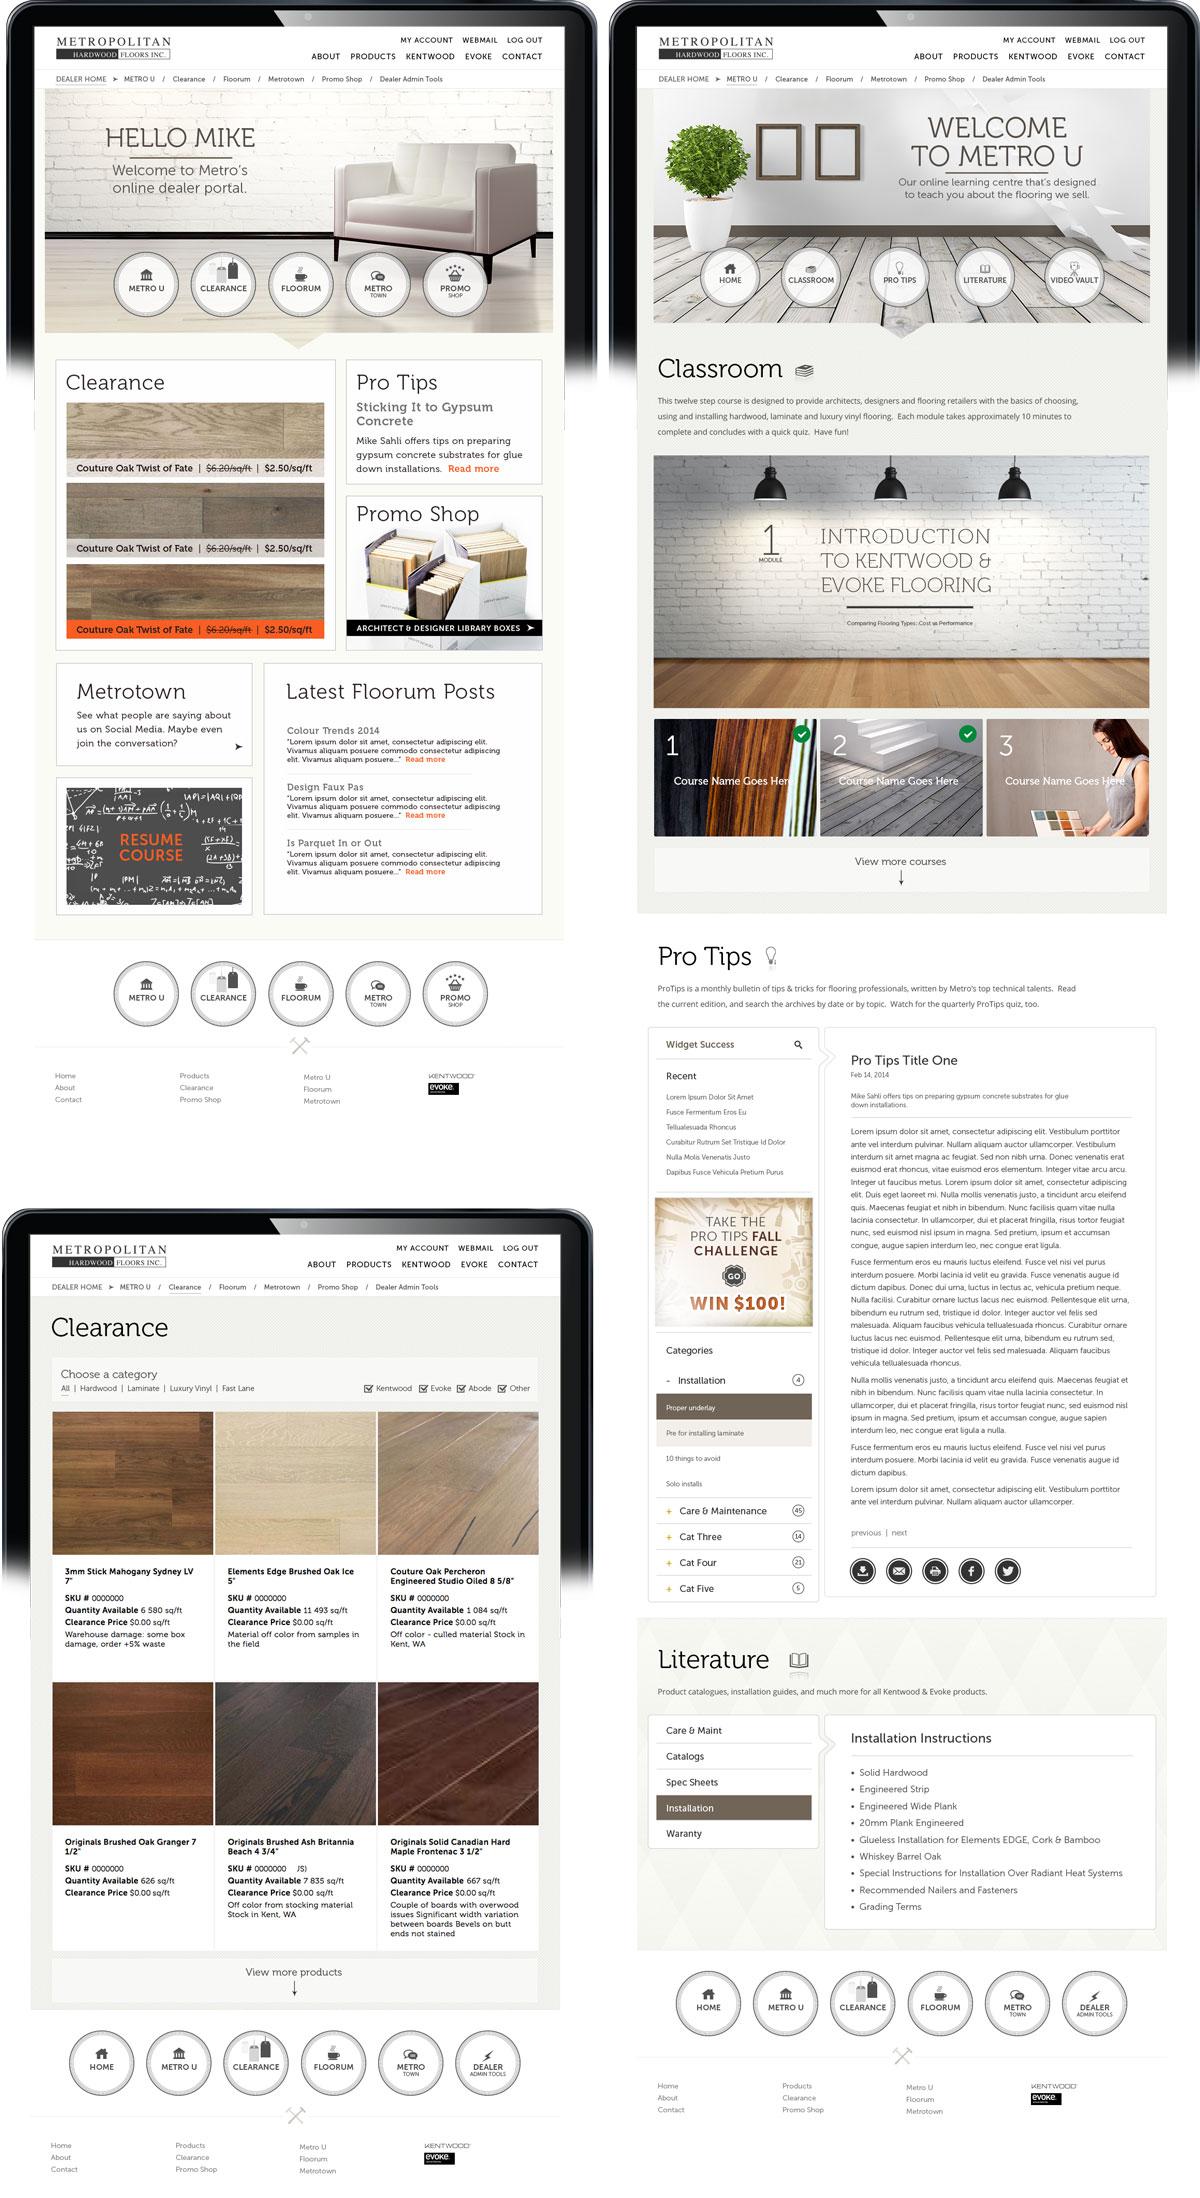 Metropolitan Hardwood Floors Website Design